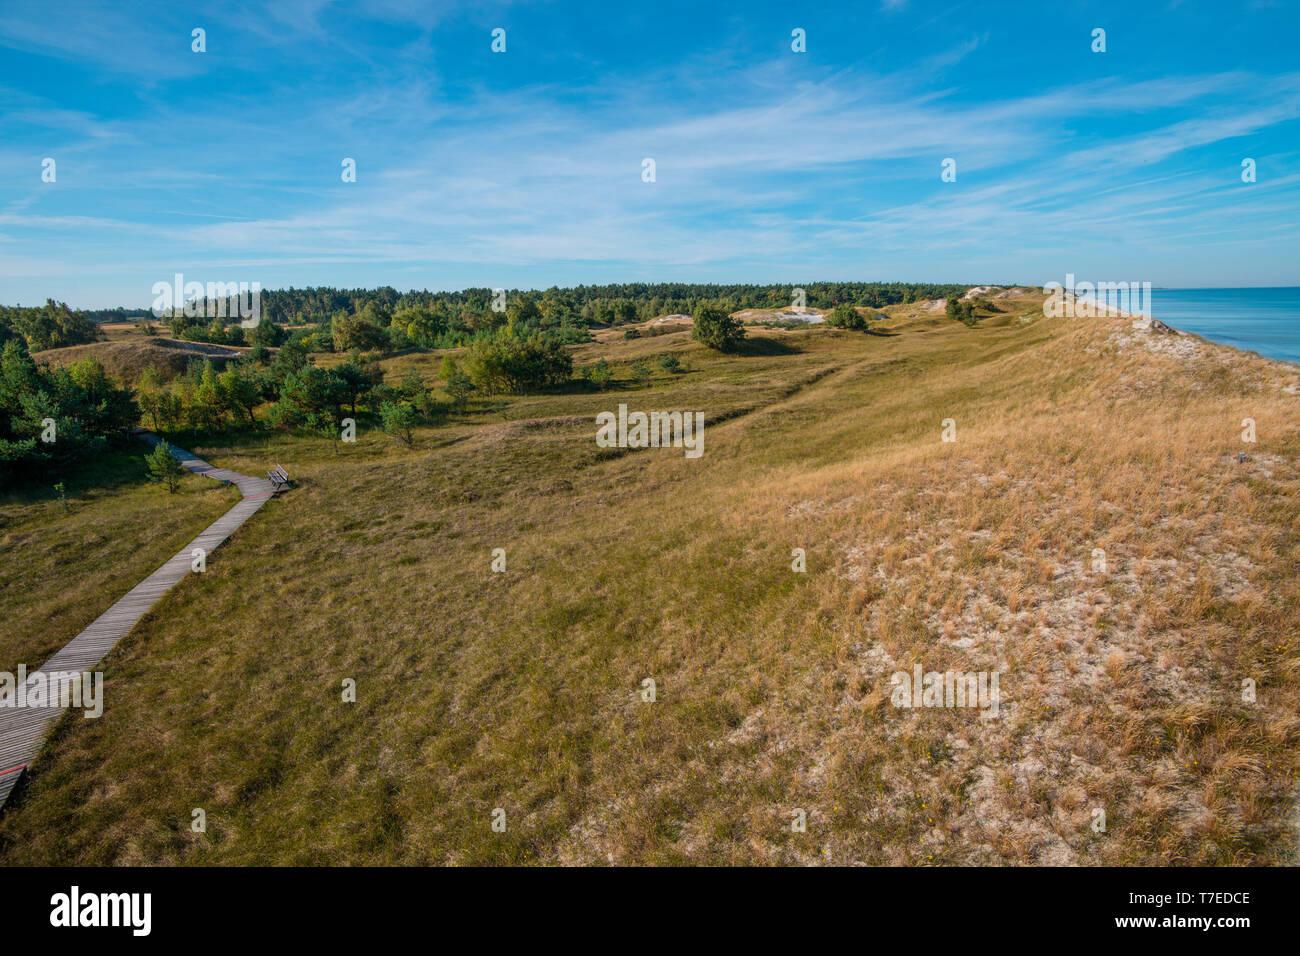 Vue de l'Hohe Duene, Poméranie occidentale Lagoon Salon National Park, Fischland-Darss-Zingst, Mecklembourg-Poméranie-Occidentale, Allemagne, Europe, Hohe Düne Banque D'Images